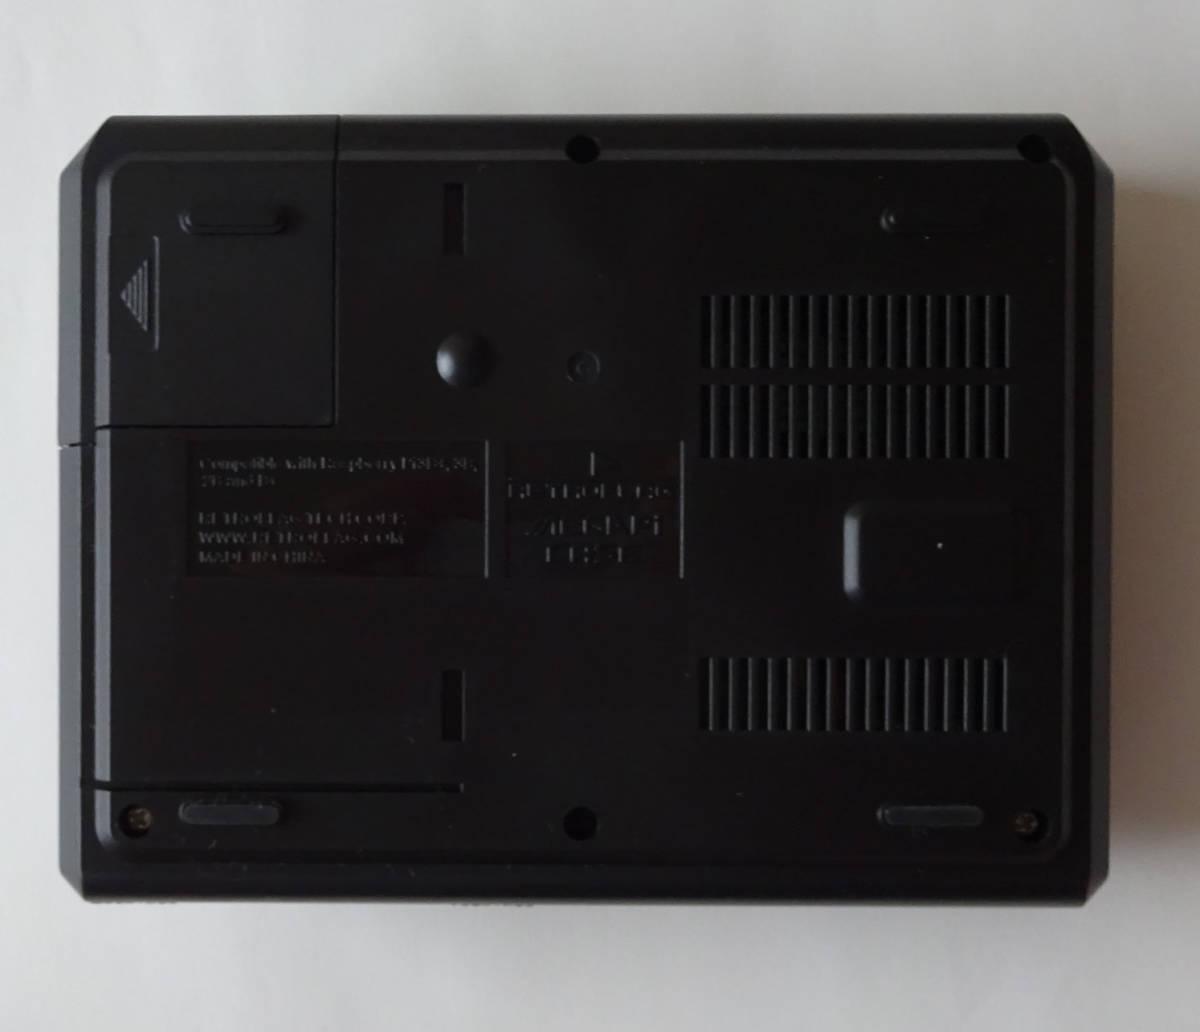 [新品] SEGA RETROPIE メガドライブミニ エミュレータ 本体 + コントローラ + ACアダプター + ビデオケーブル _画像10